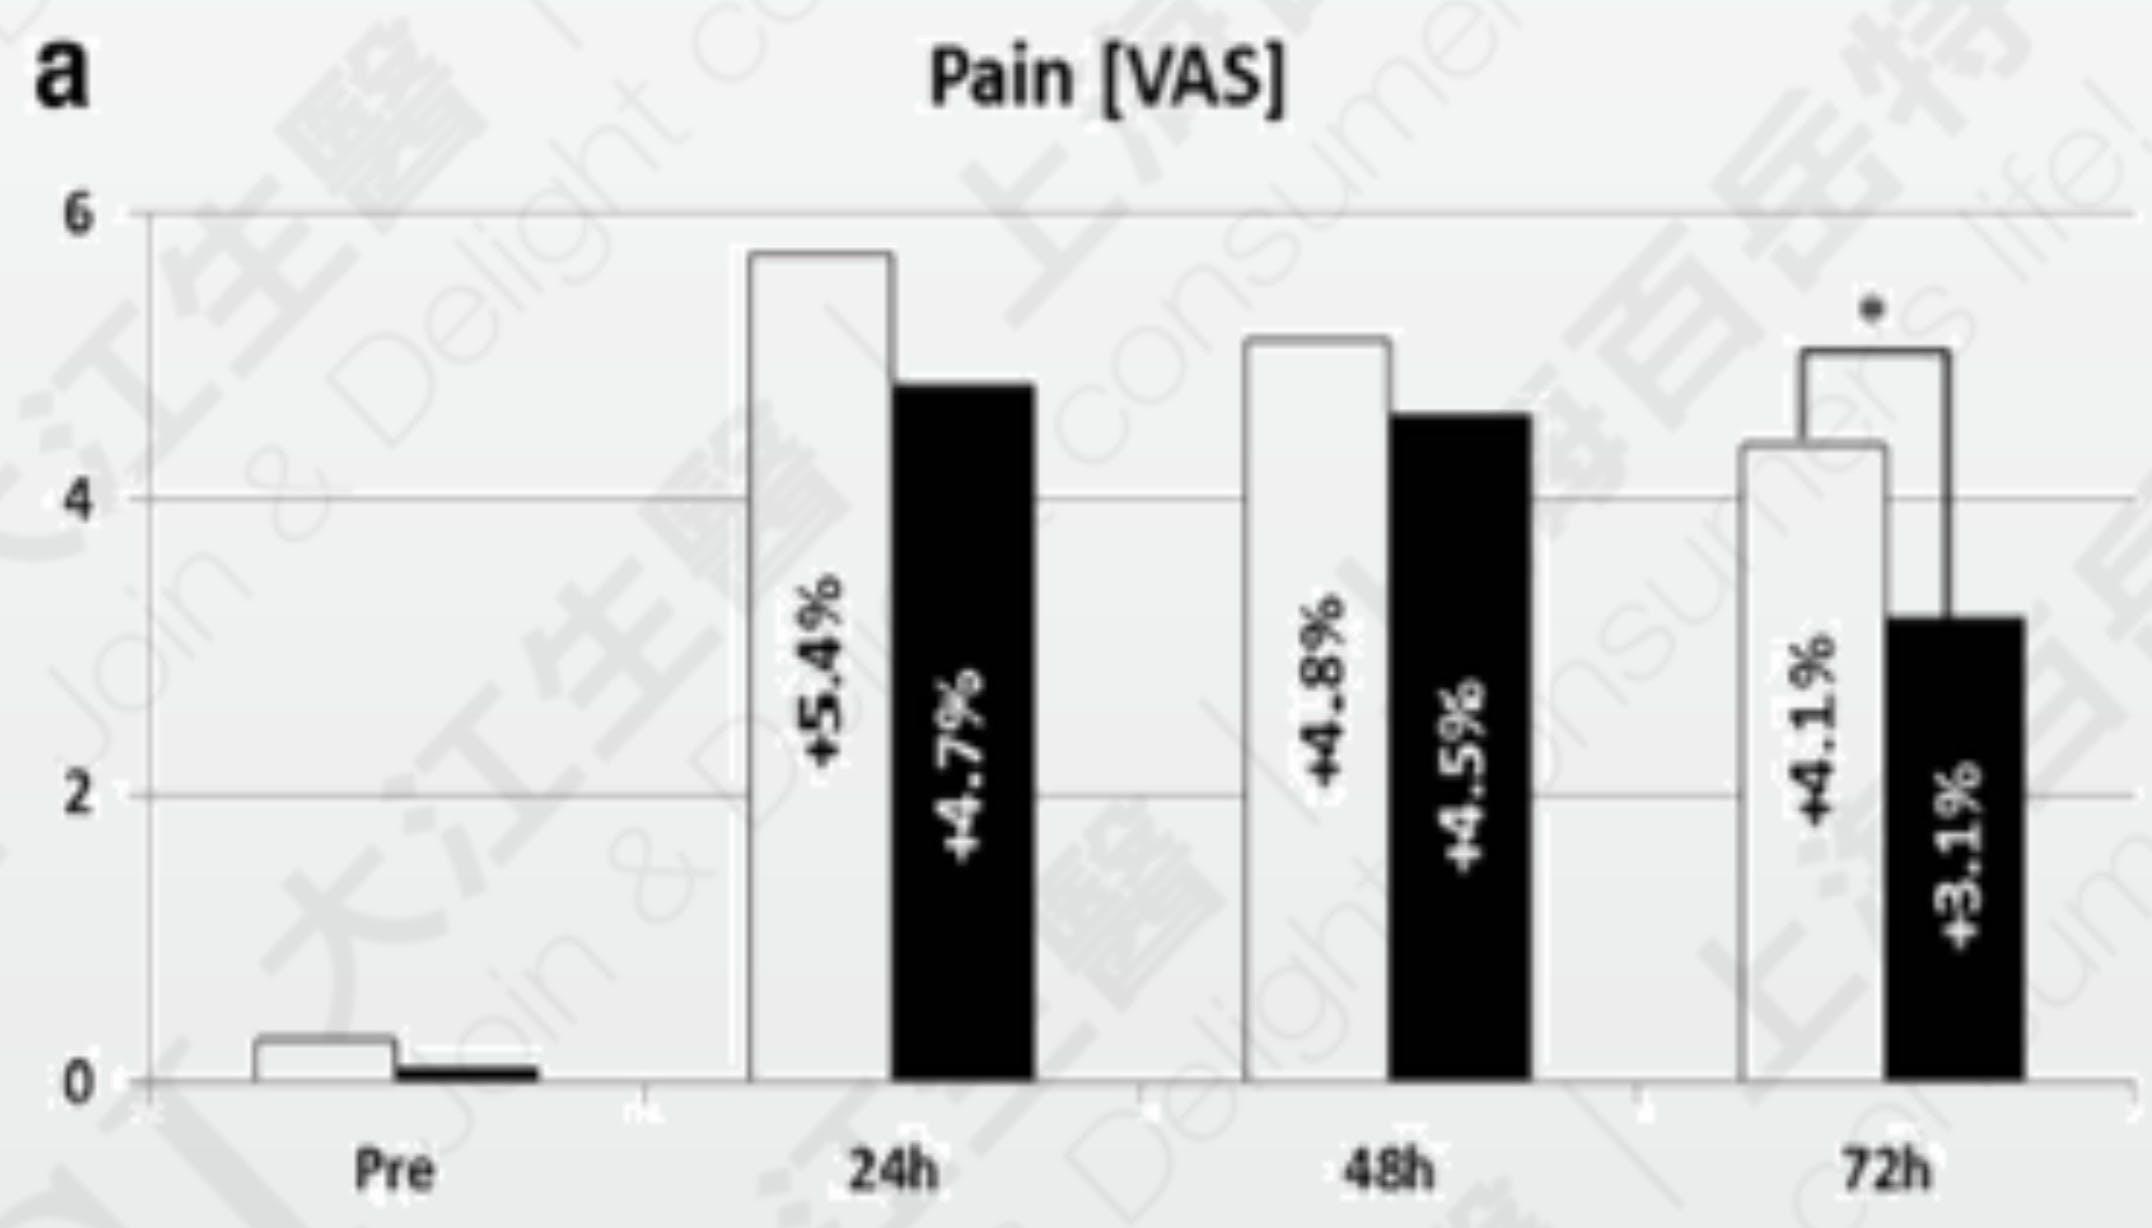 益生菌能够降低运动产生的肌肉疼痛感 资料来源: Ralf Jäger et al. 2018 Dec